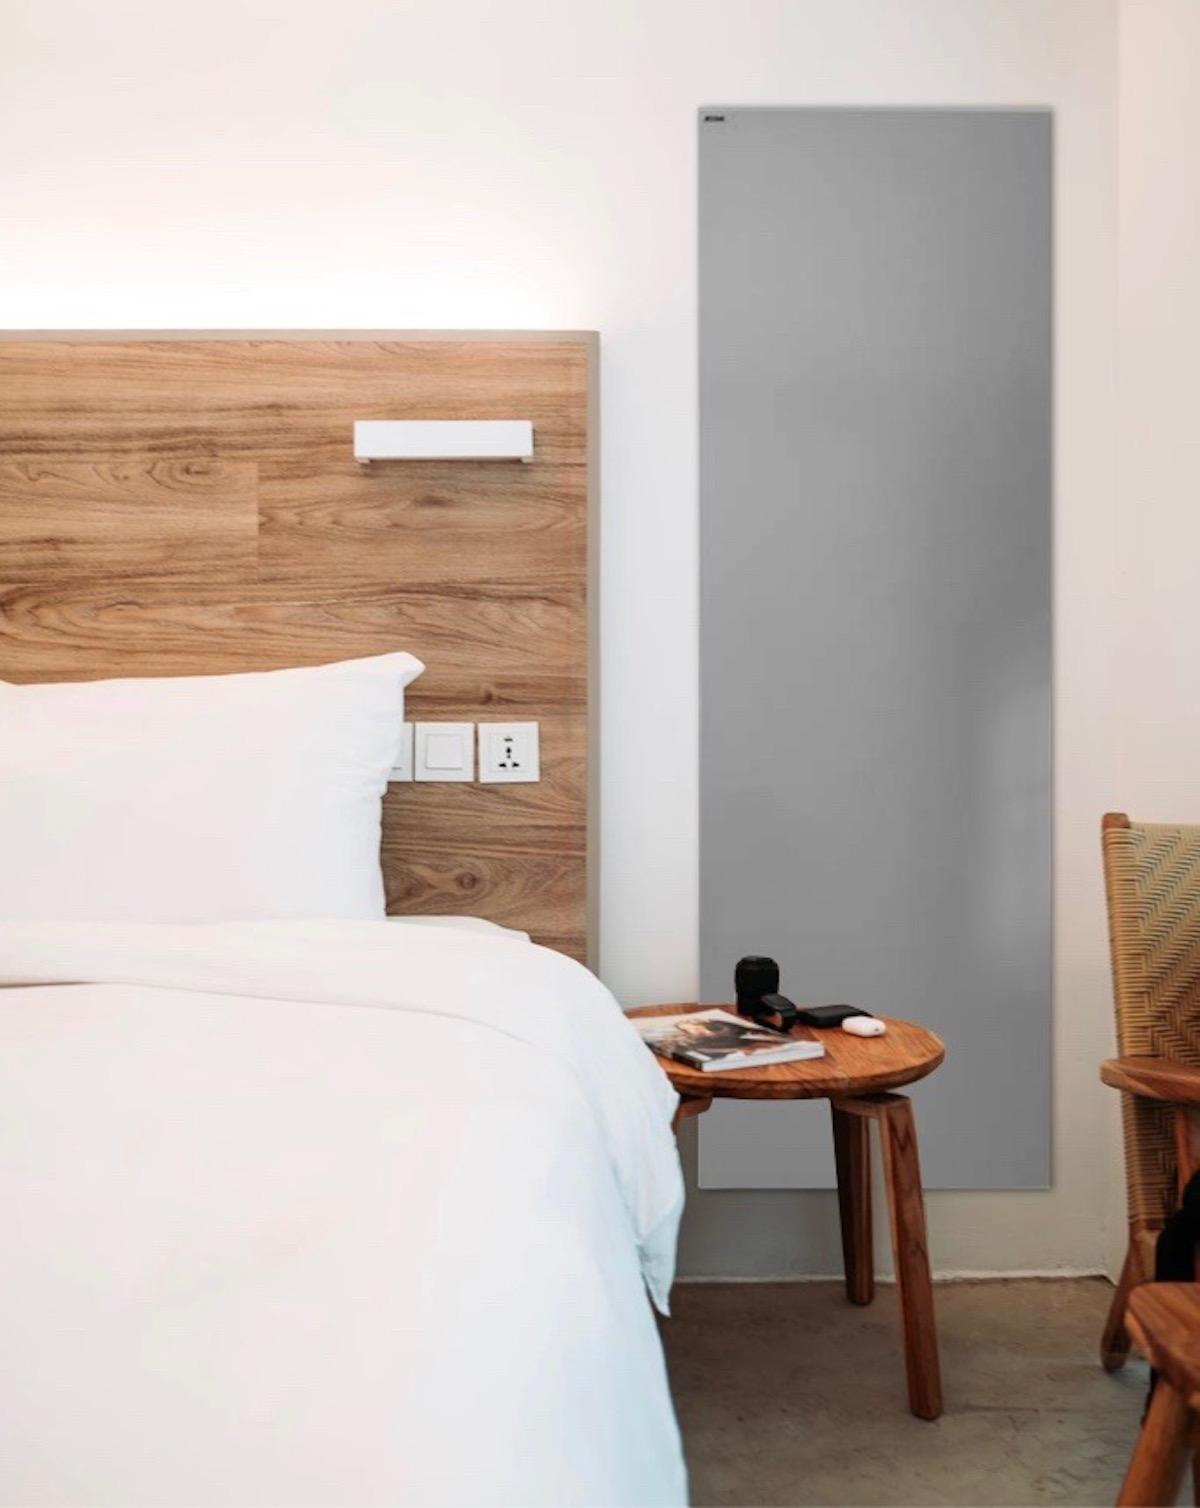 chambre tendance chauffage design électrique acova artemia gris tête de lit bois déco - clematc